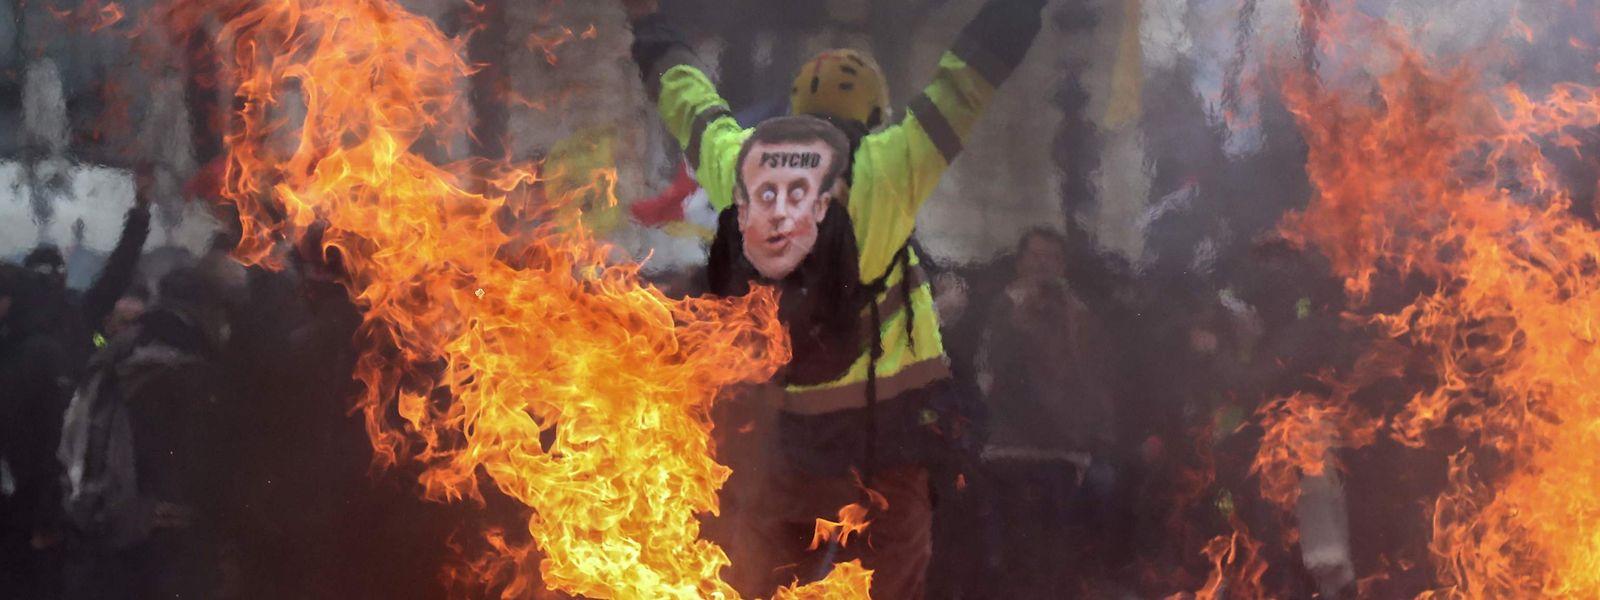 Die Gewalt und Sachbeschädigungen sind bei den Protesten erneut aufgeflammt.